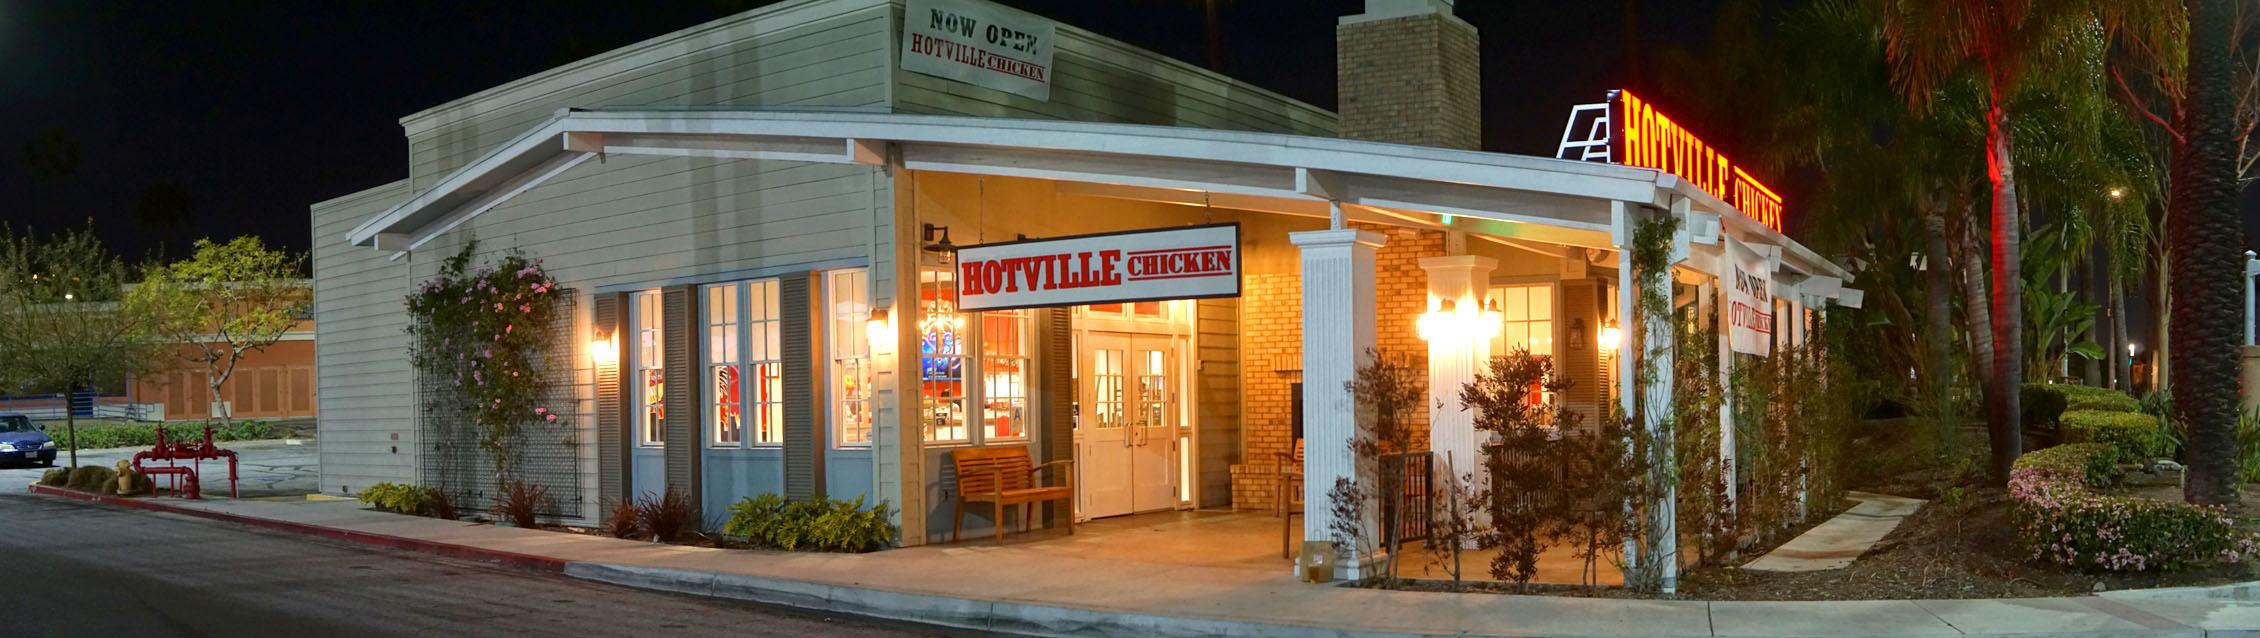 Hotville Chicken Exterior